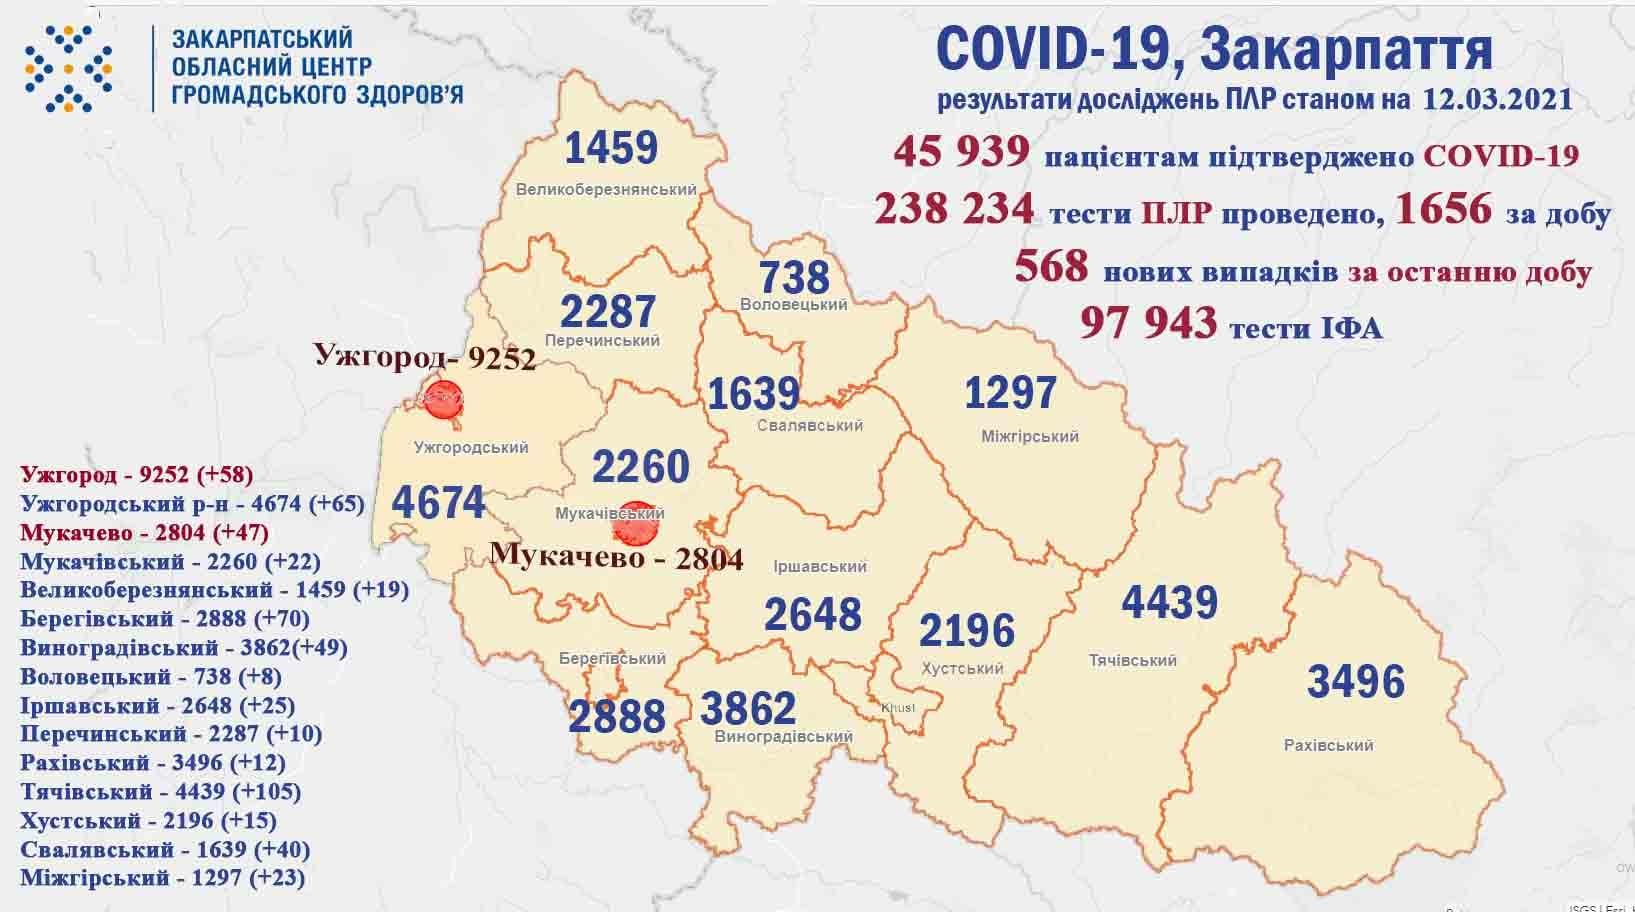 На Закарпатті за добу виявлено 568 випадків COVID-19